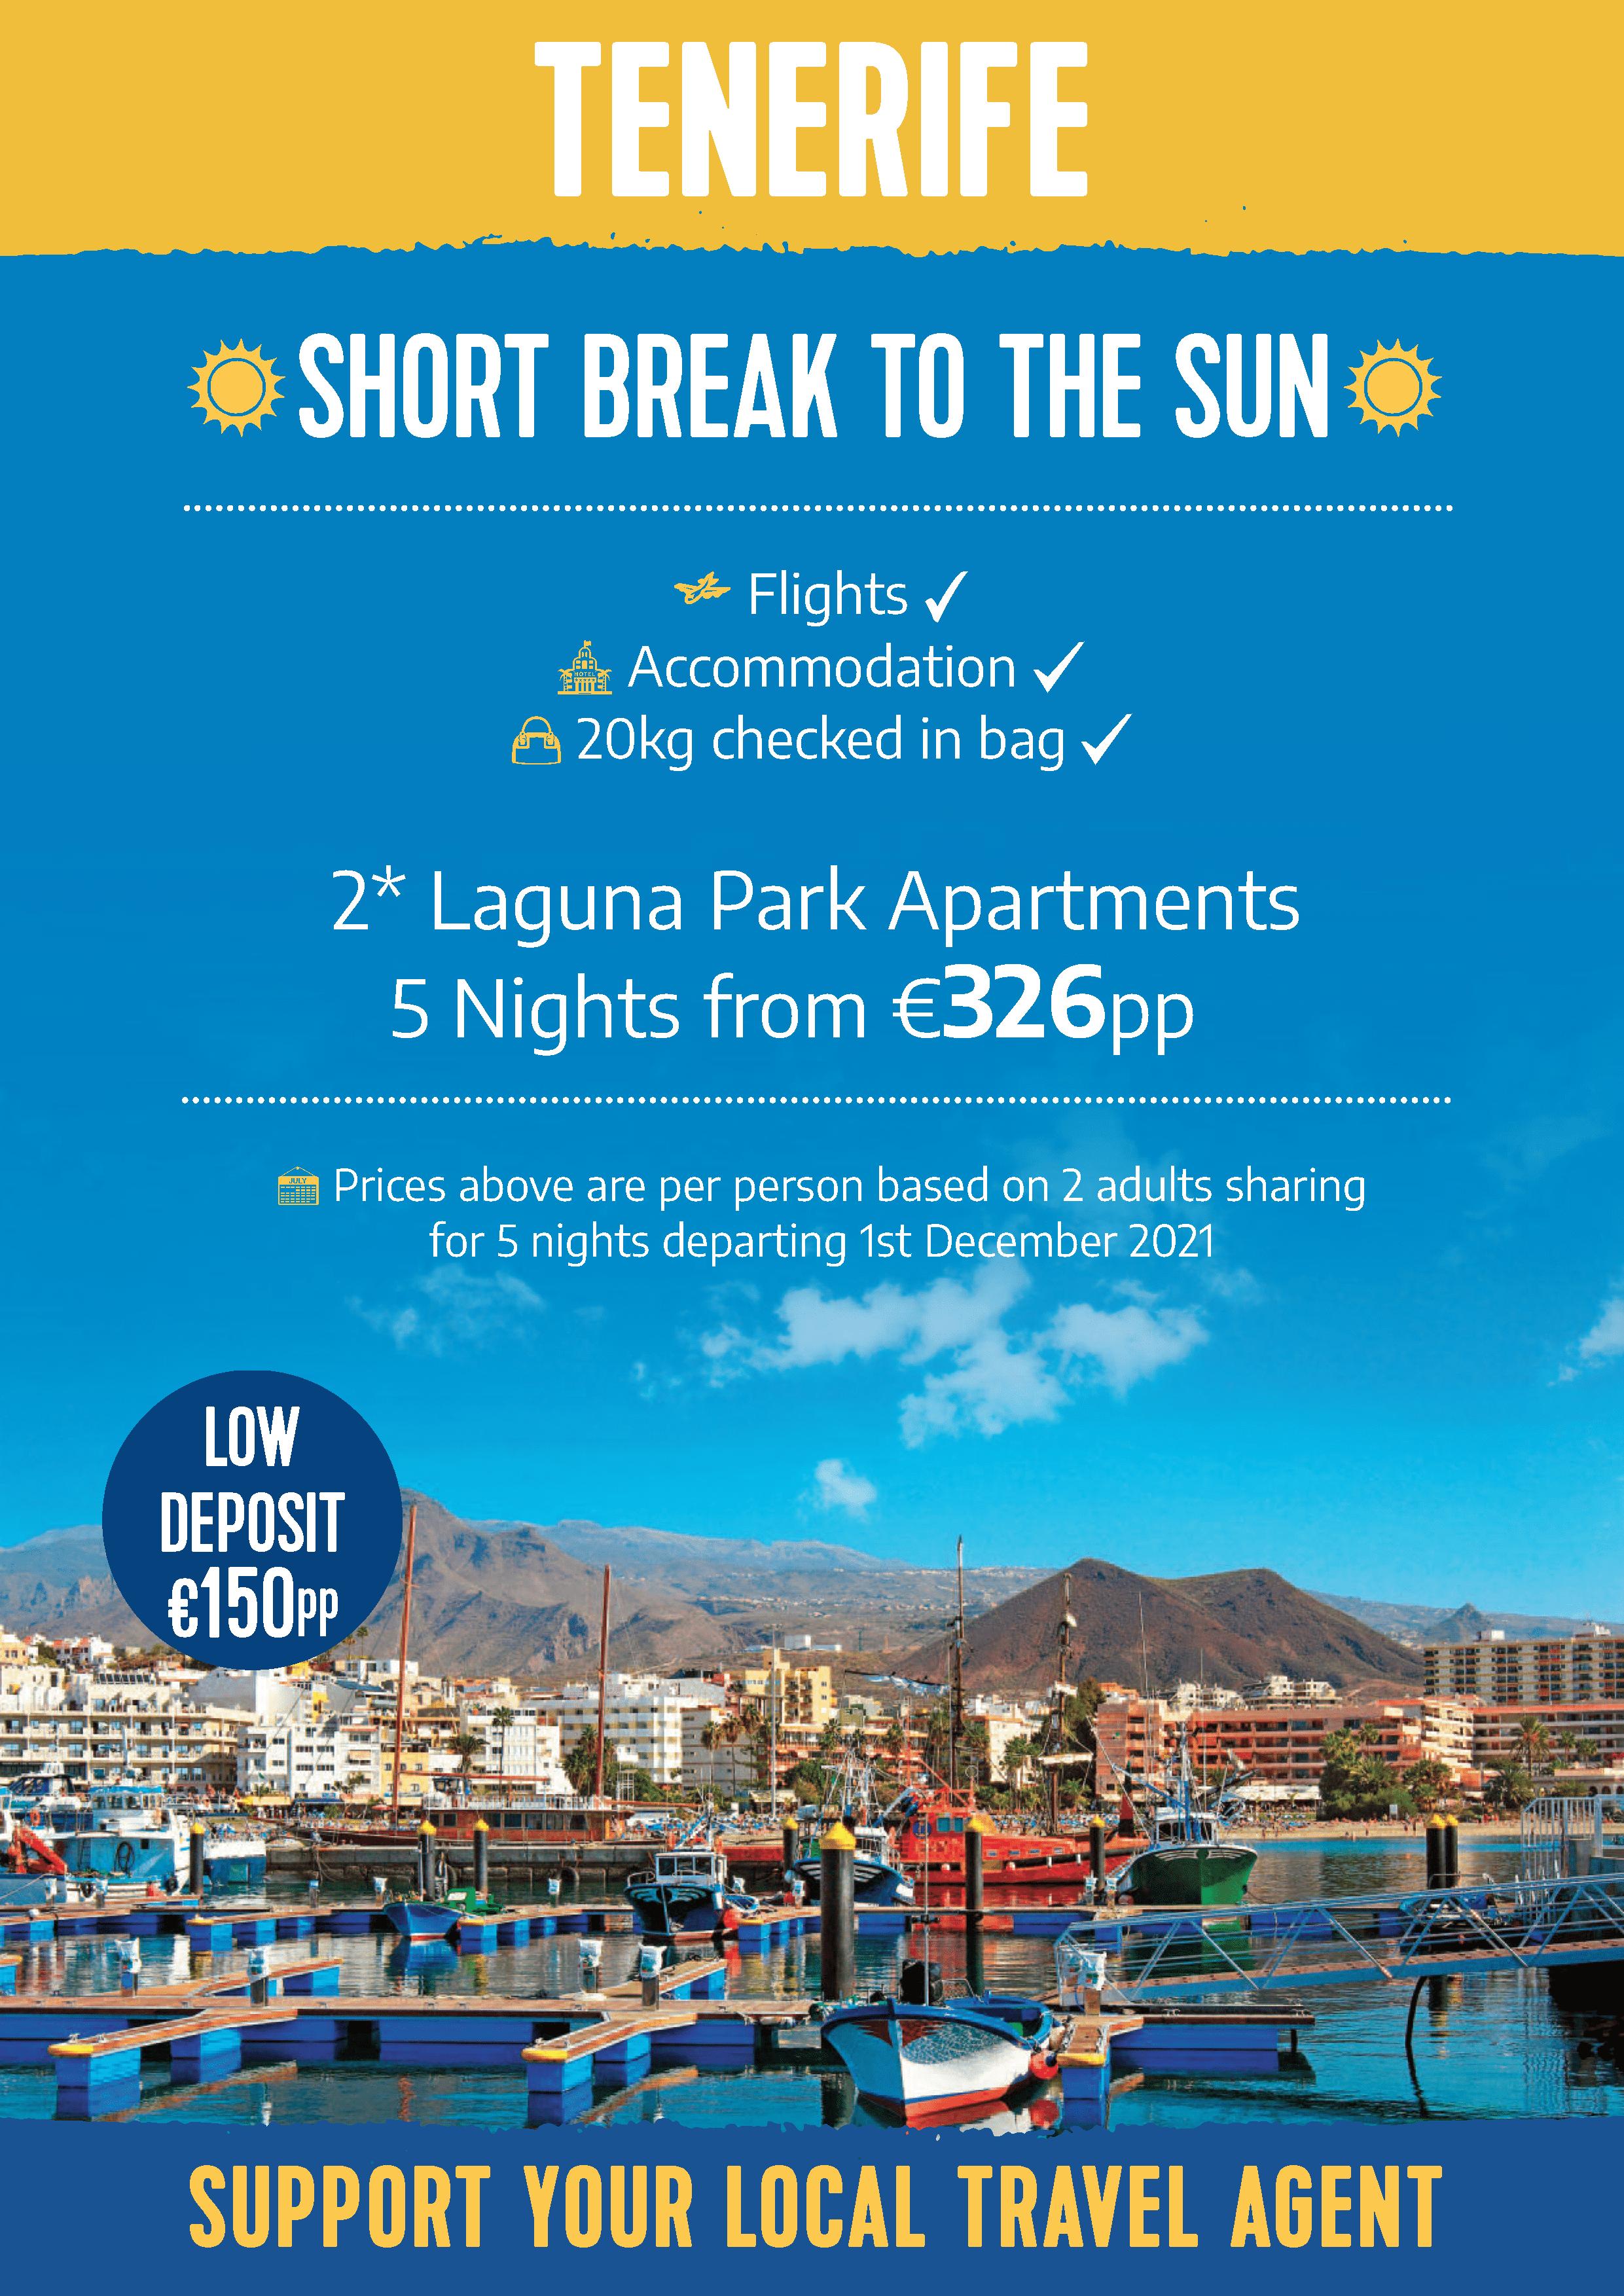 Tenerife Short Breaks Offer